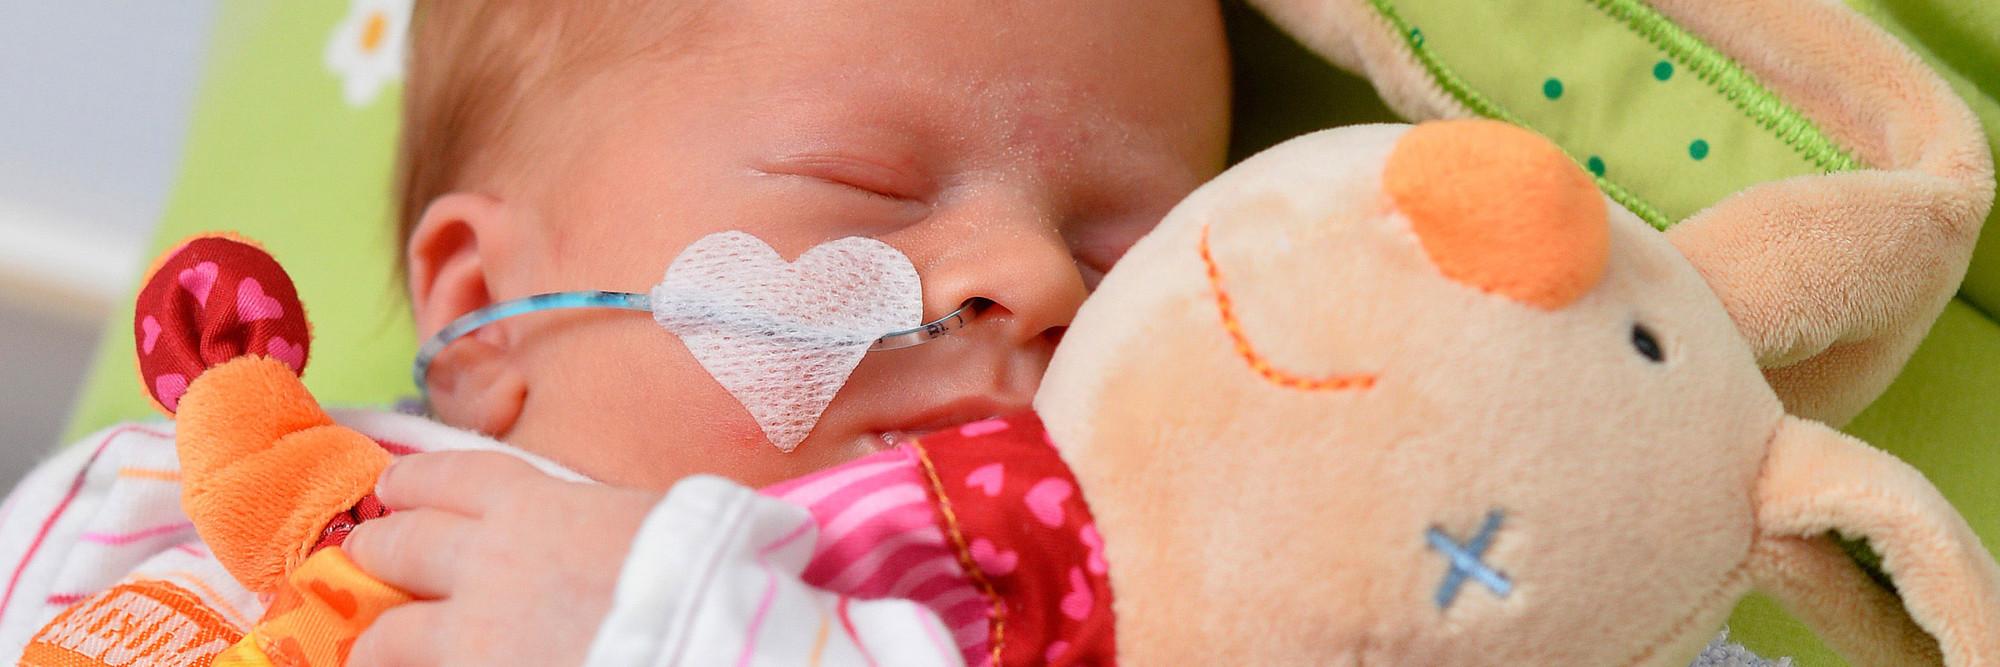 Ein neonatologisch betreutes Baby hält ein Kuscheltier im Arm.